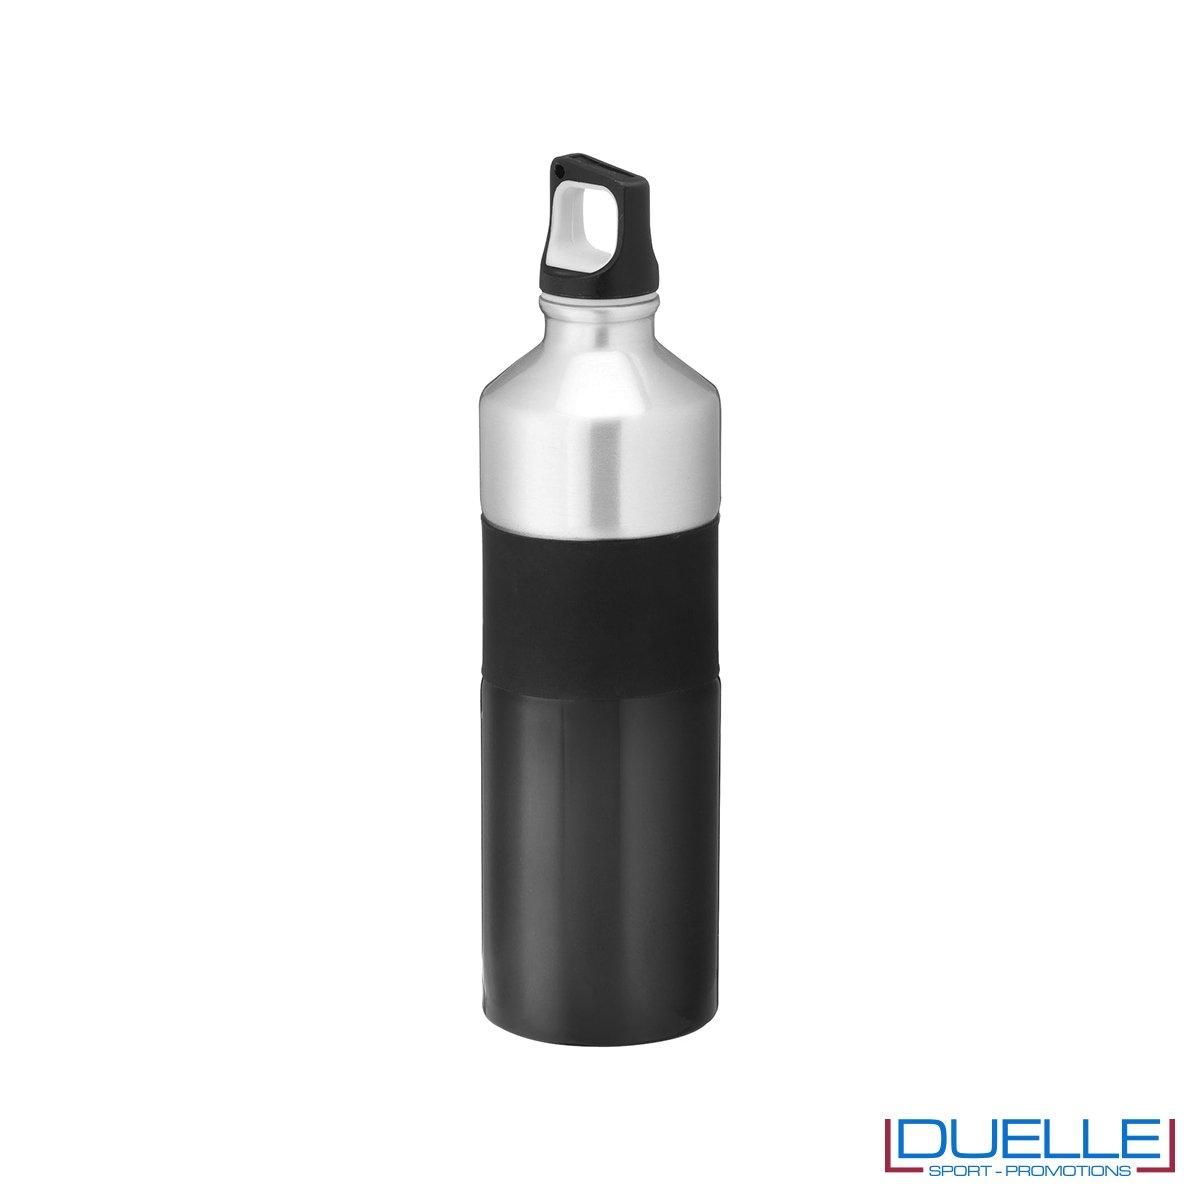 Borraccia in alluminio 750ml colore nero con impugnatura in silicone